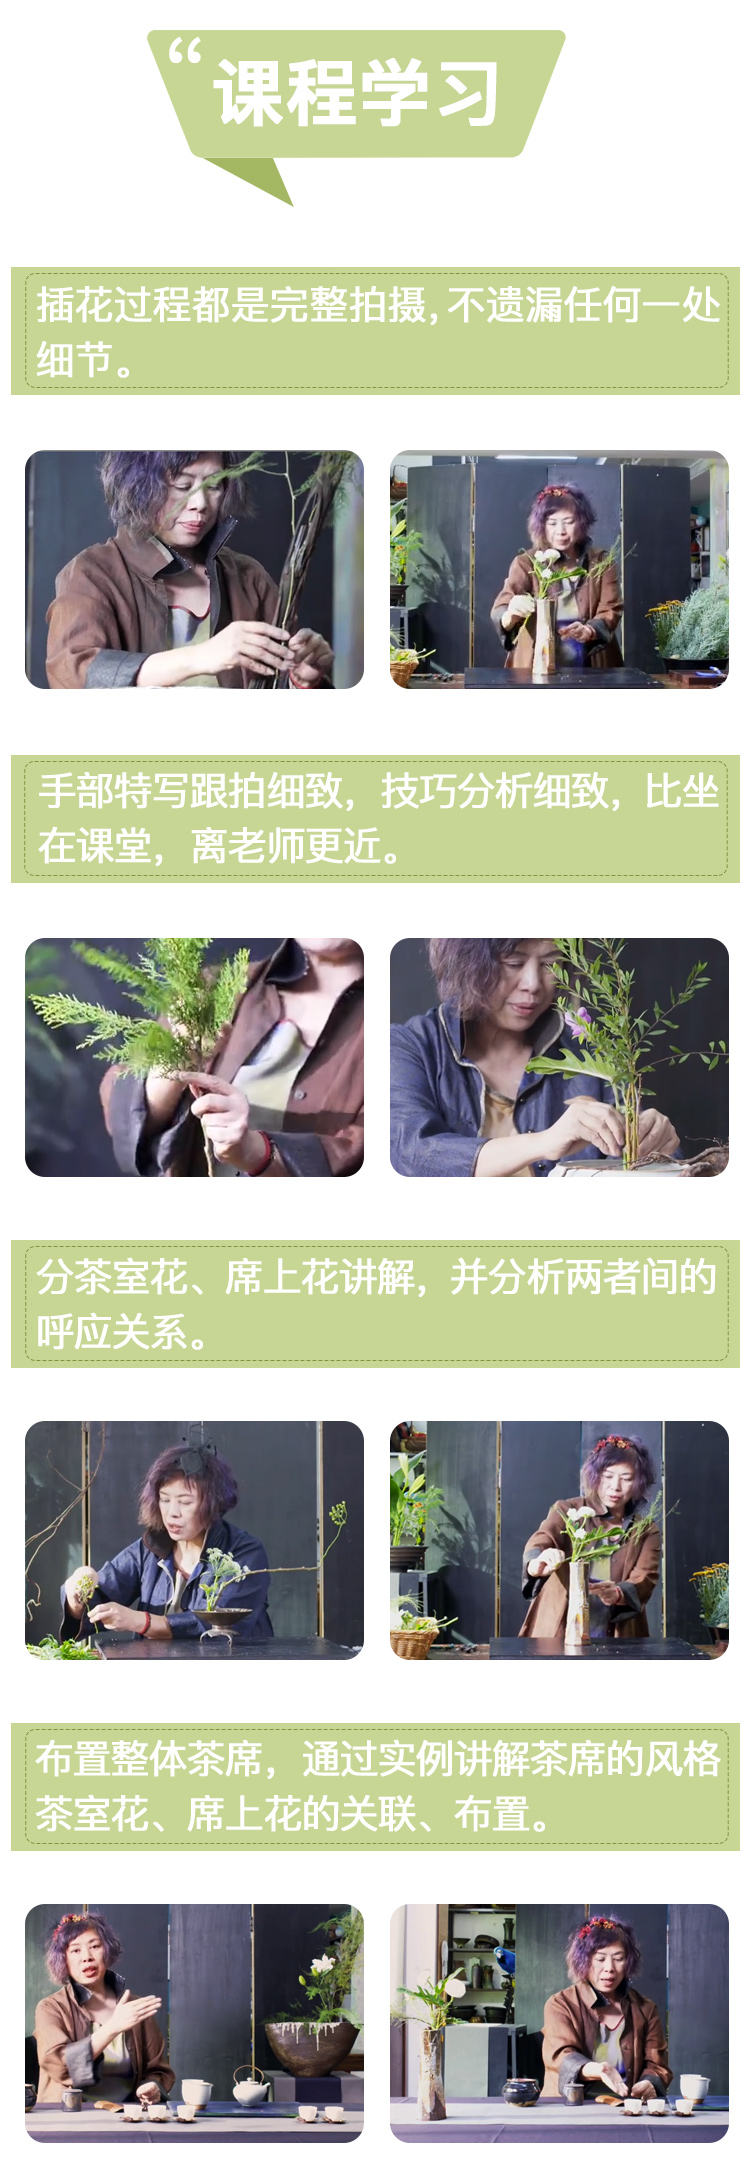 常定华花艺优化_06